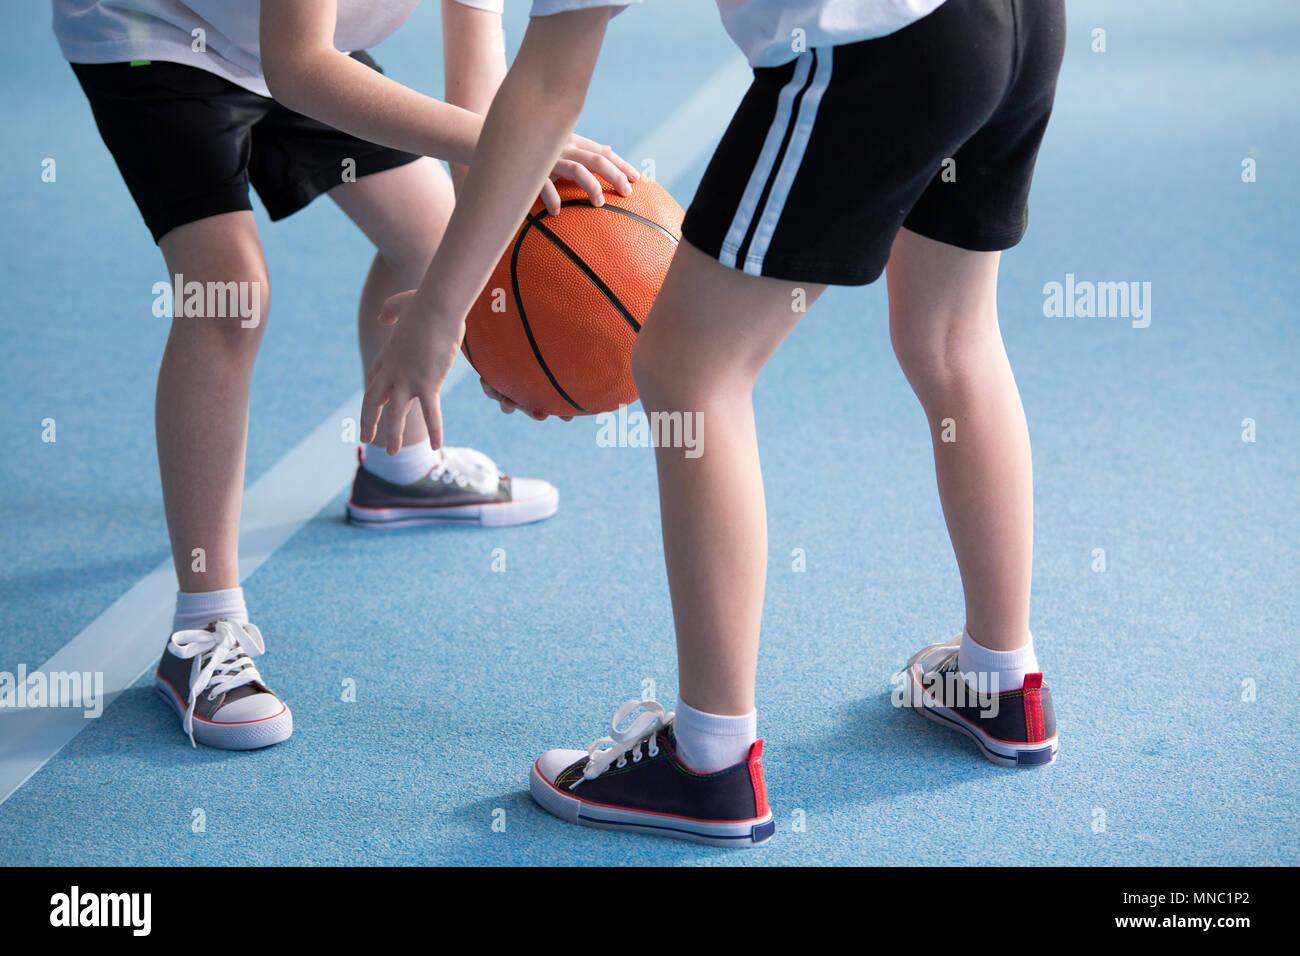 Close-up su giovani bambini indossare abbigliamento sportivo scuola imparare a sbavare un basket durante l'educazione fisica classi in palestra con pavimento di colore blu Foto Stock